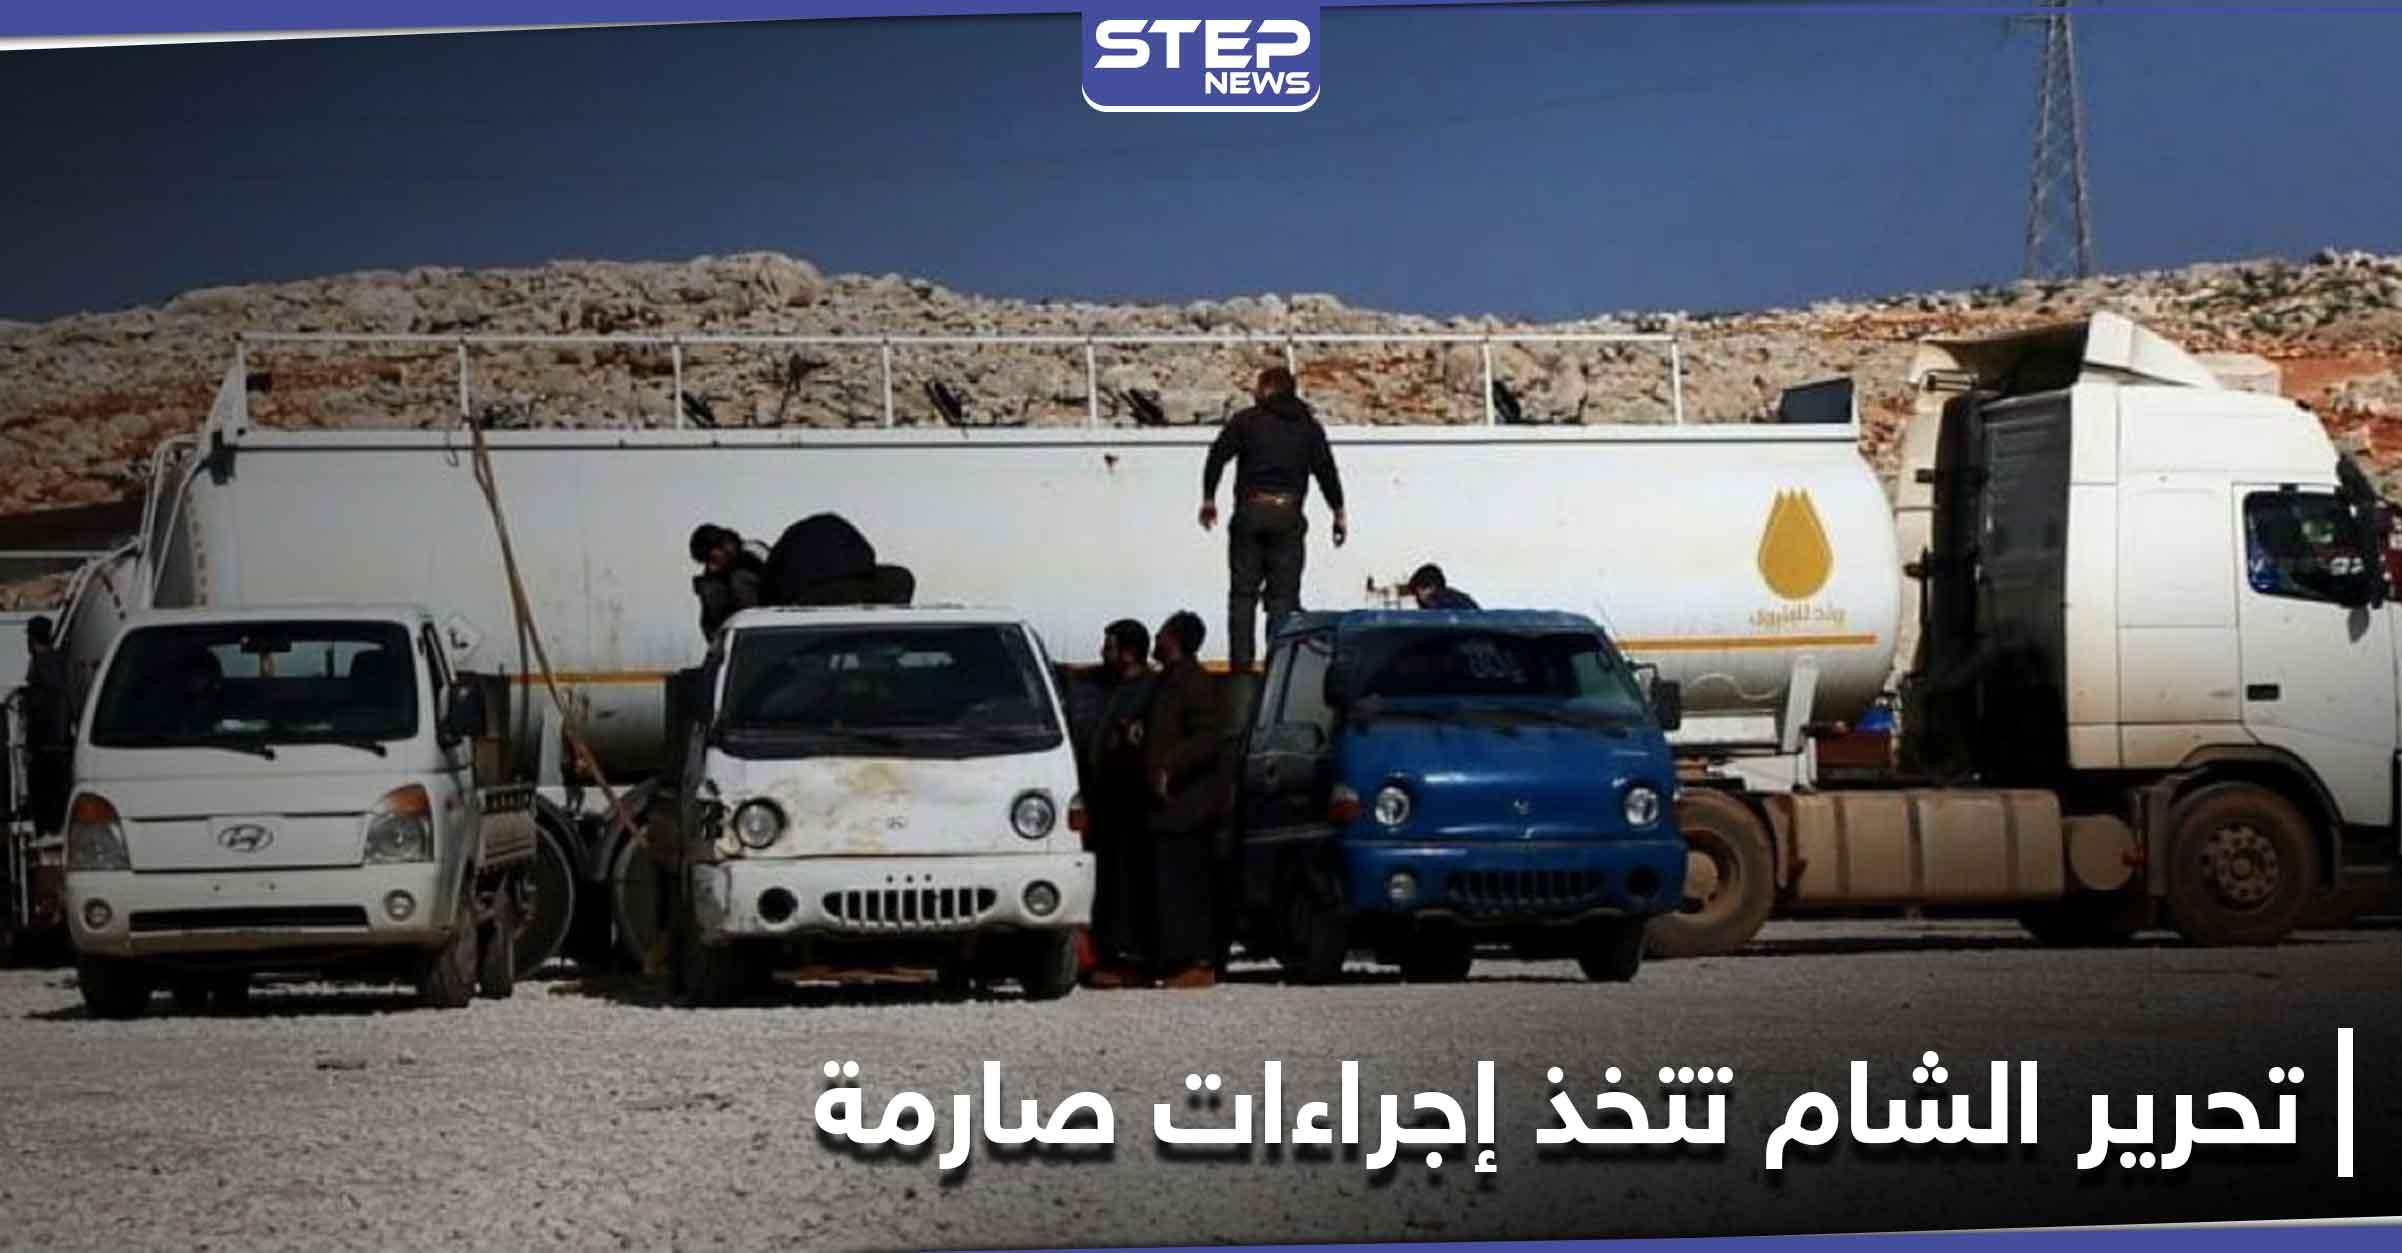 تحرير الشام تتخذ إجراءات صارمة على سيارات المدنيين من أجل احتكار تجارة المحروقات